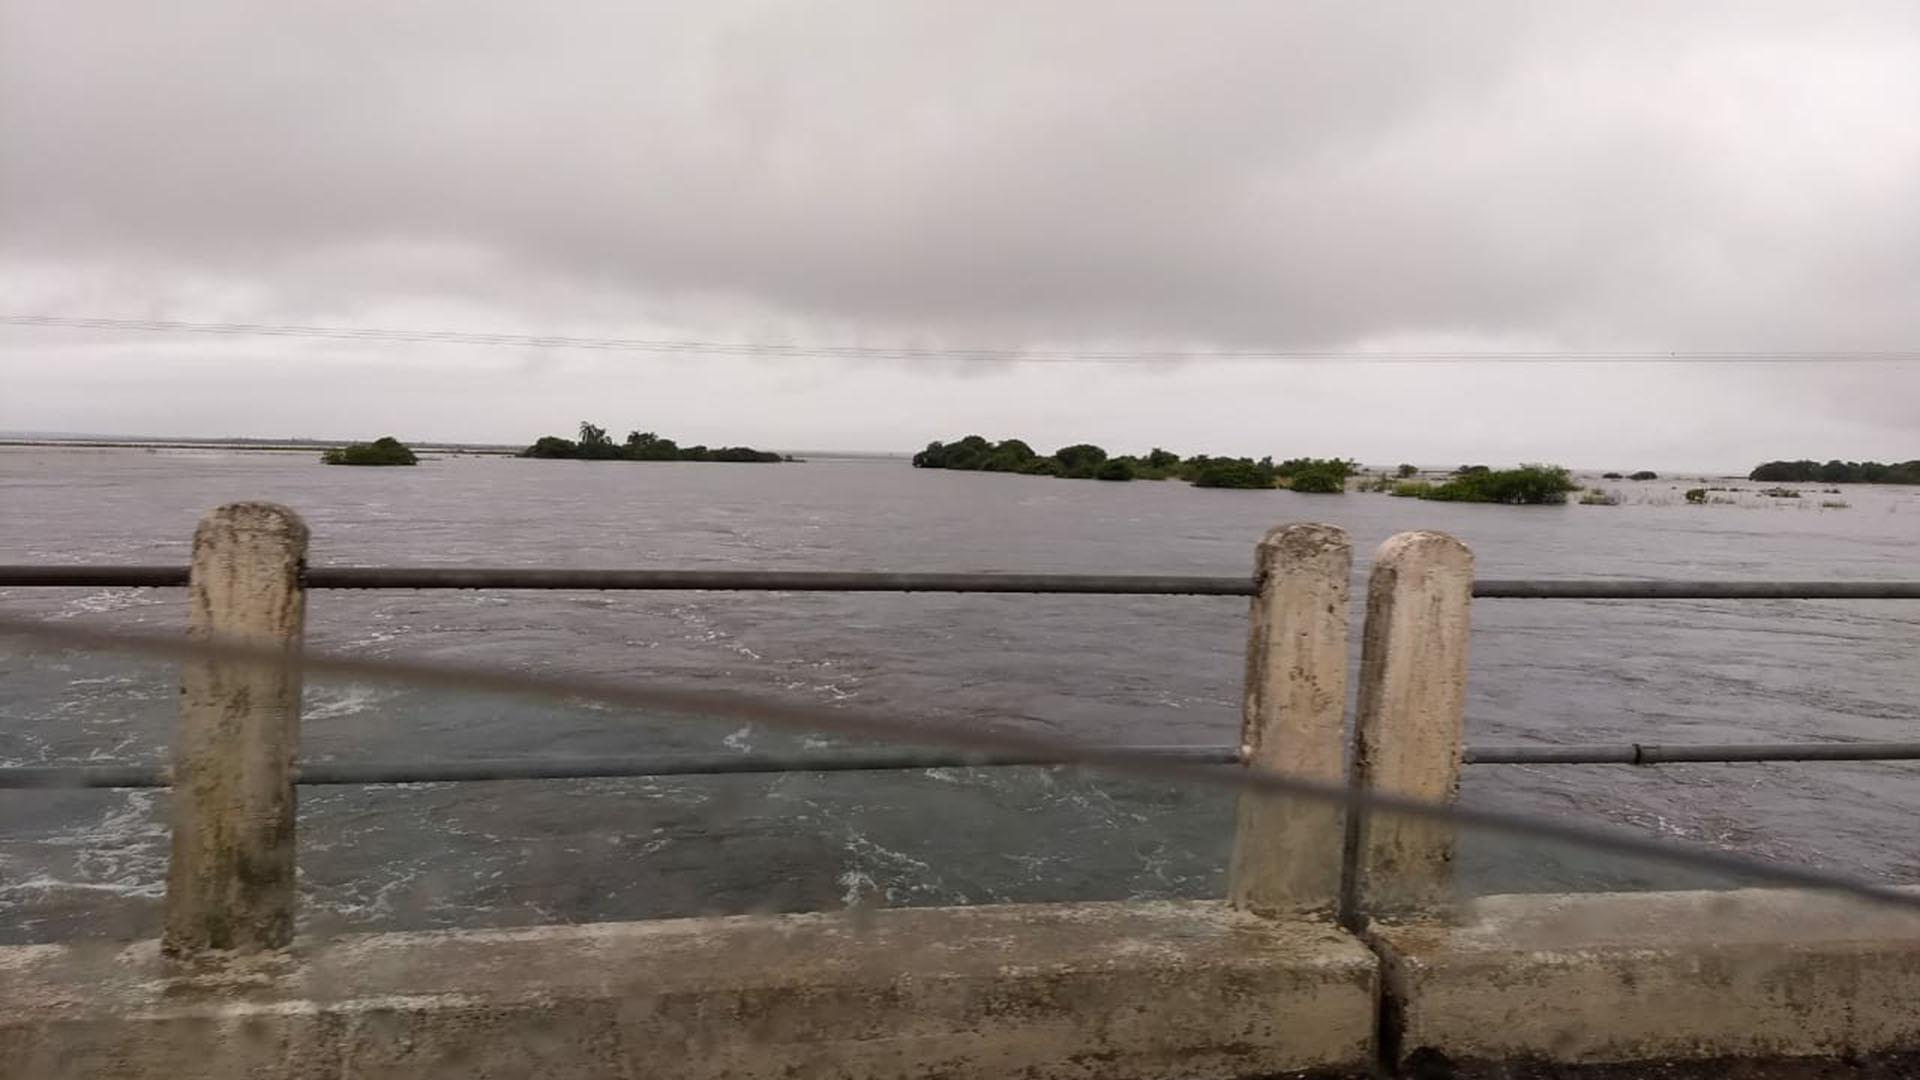 Según un informe de la Sociedad Rural Argentina, el norte de Santa Fe es la zona más afectada por las inundaciones. Las mismas también impactan en otras provincias. (Crédito: Sociedad Rural Argentina)